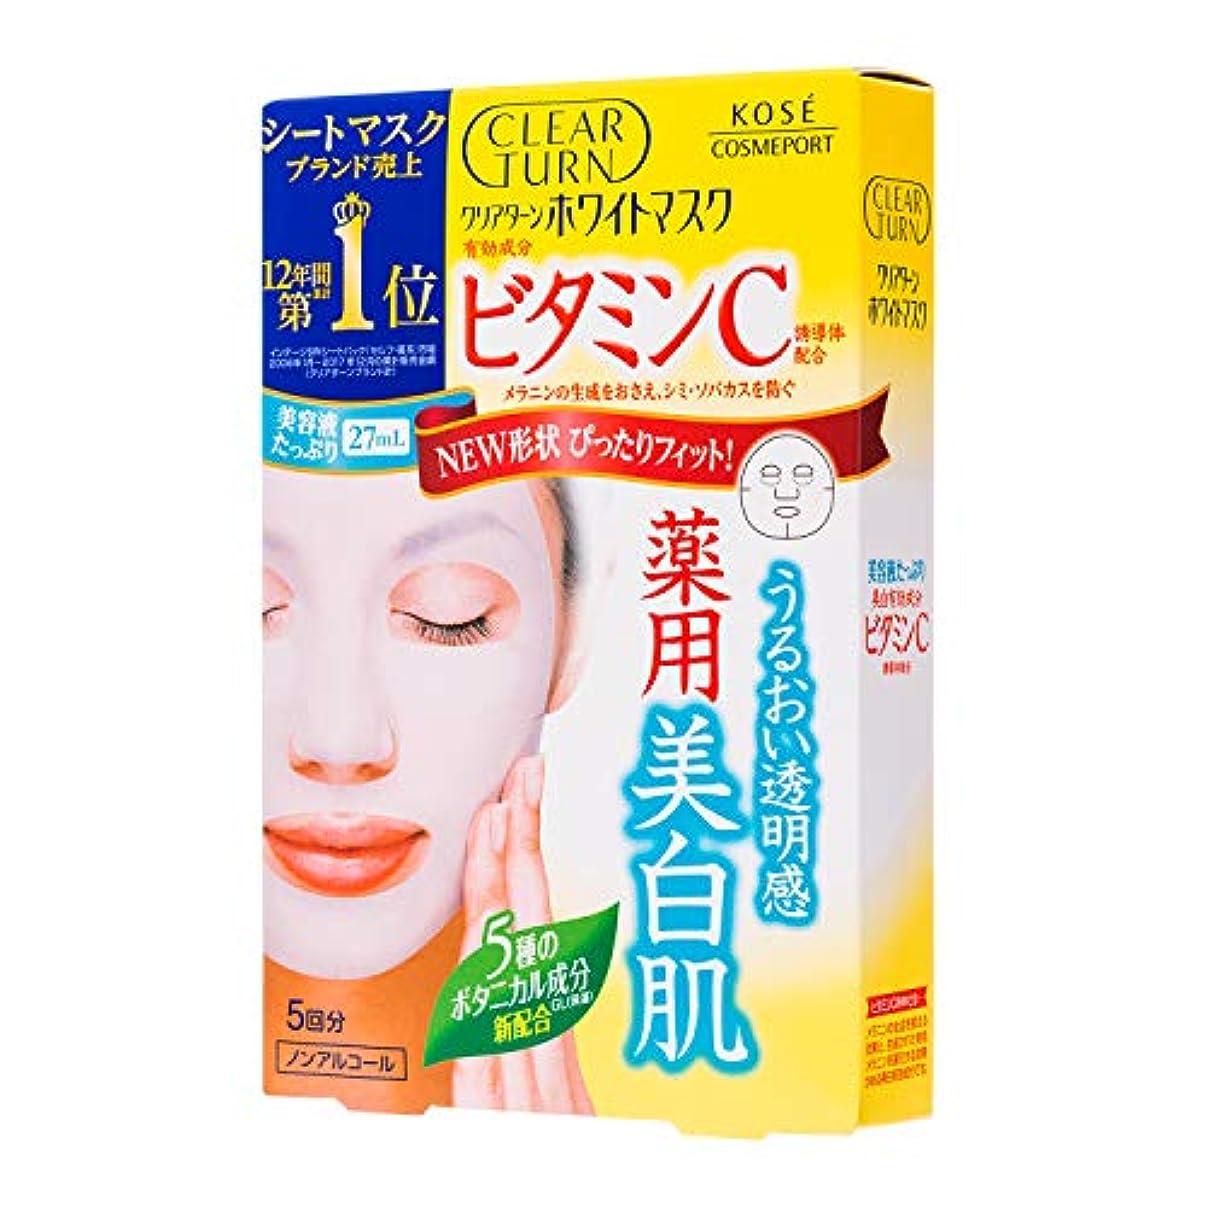 ドアミラー別々にこねるKOSE コーセー クリアターン ホワイト マスク VC (ビタミンC) 5枚 フェイスマスク